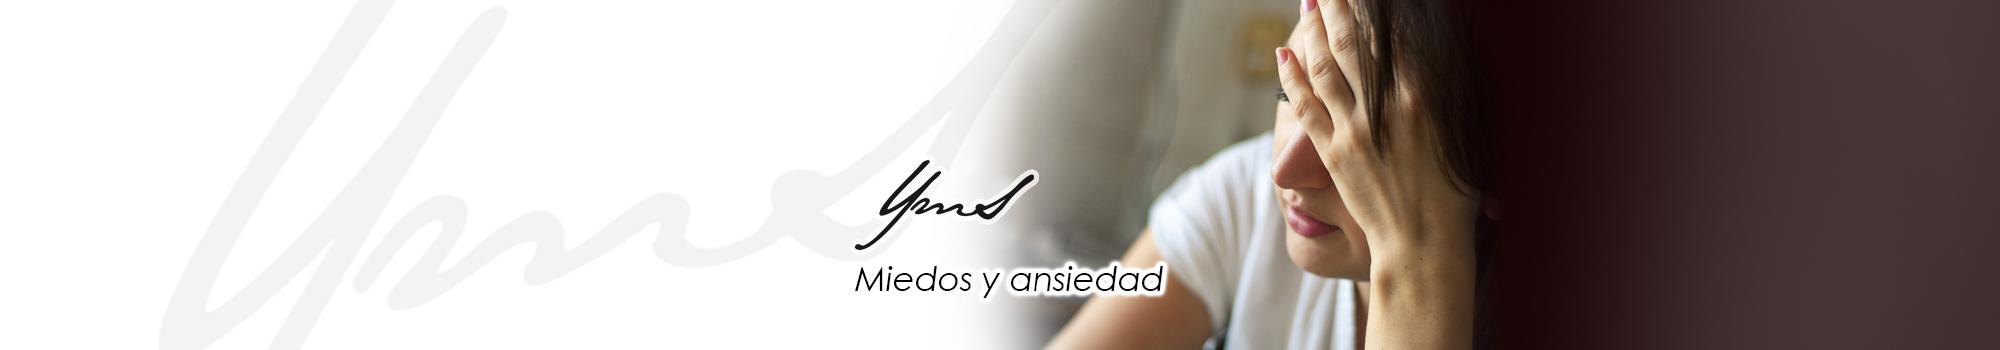 psicólogo pilar de la horadada, psicología infantil San Javier, psicología infantil Torrevieja